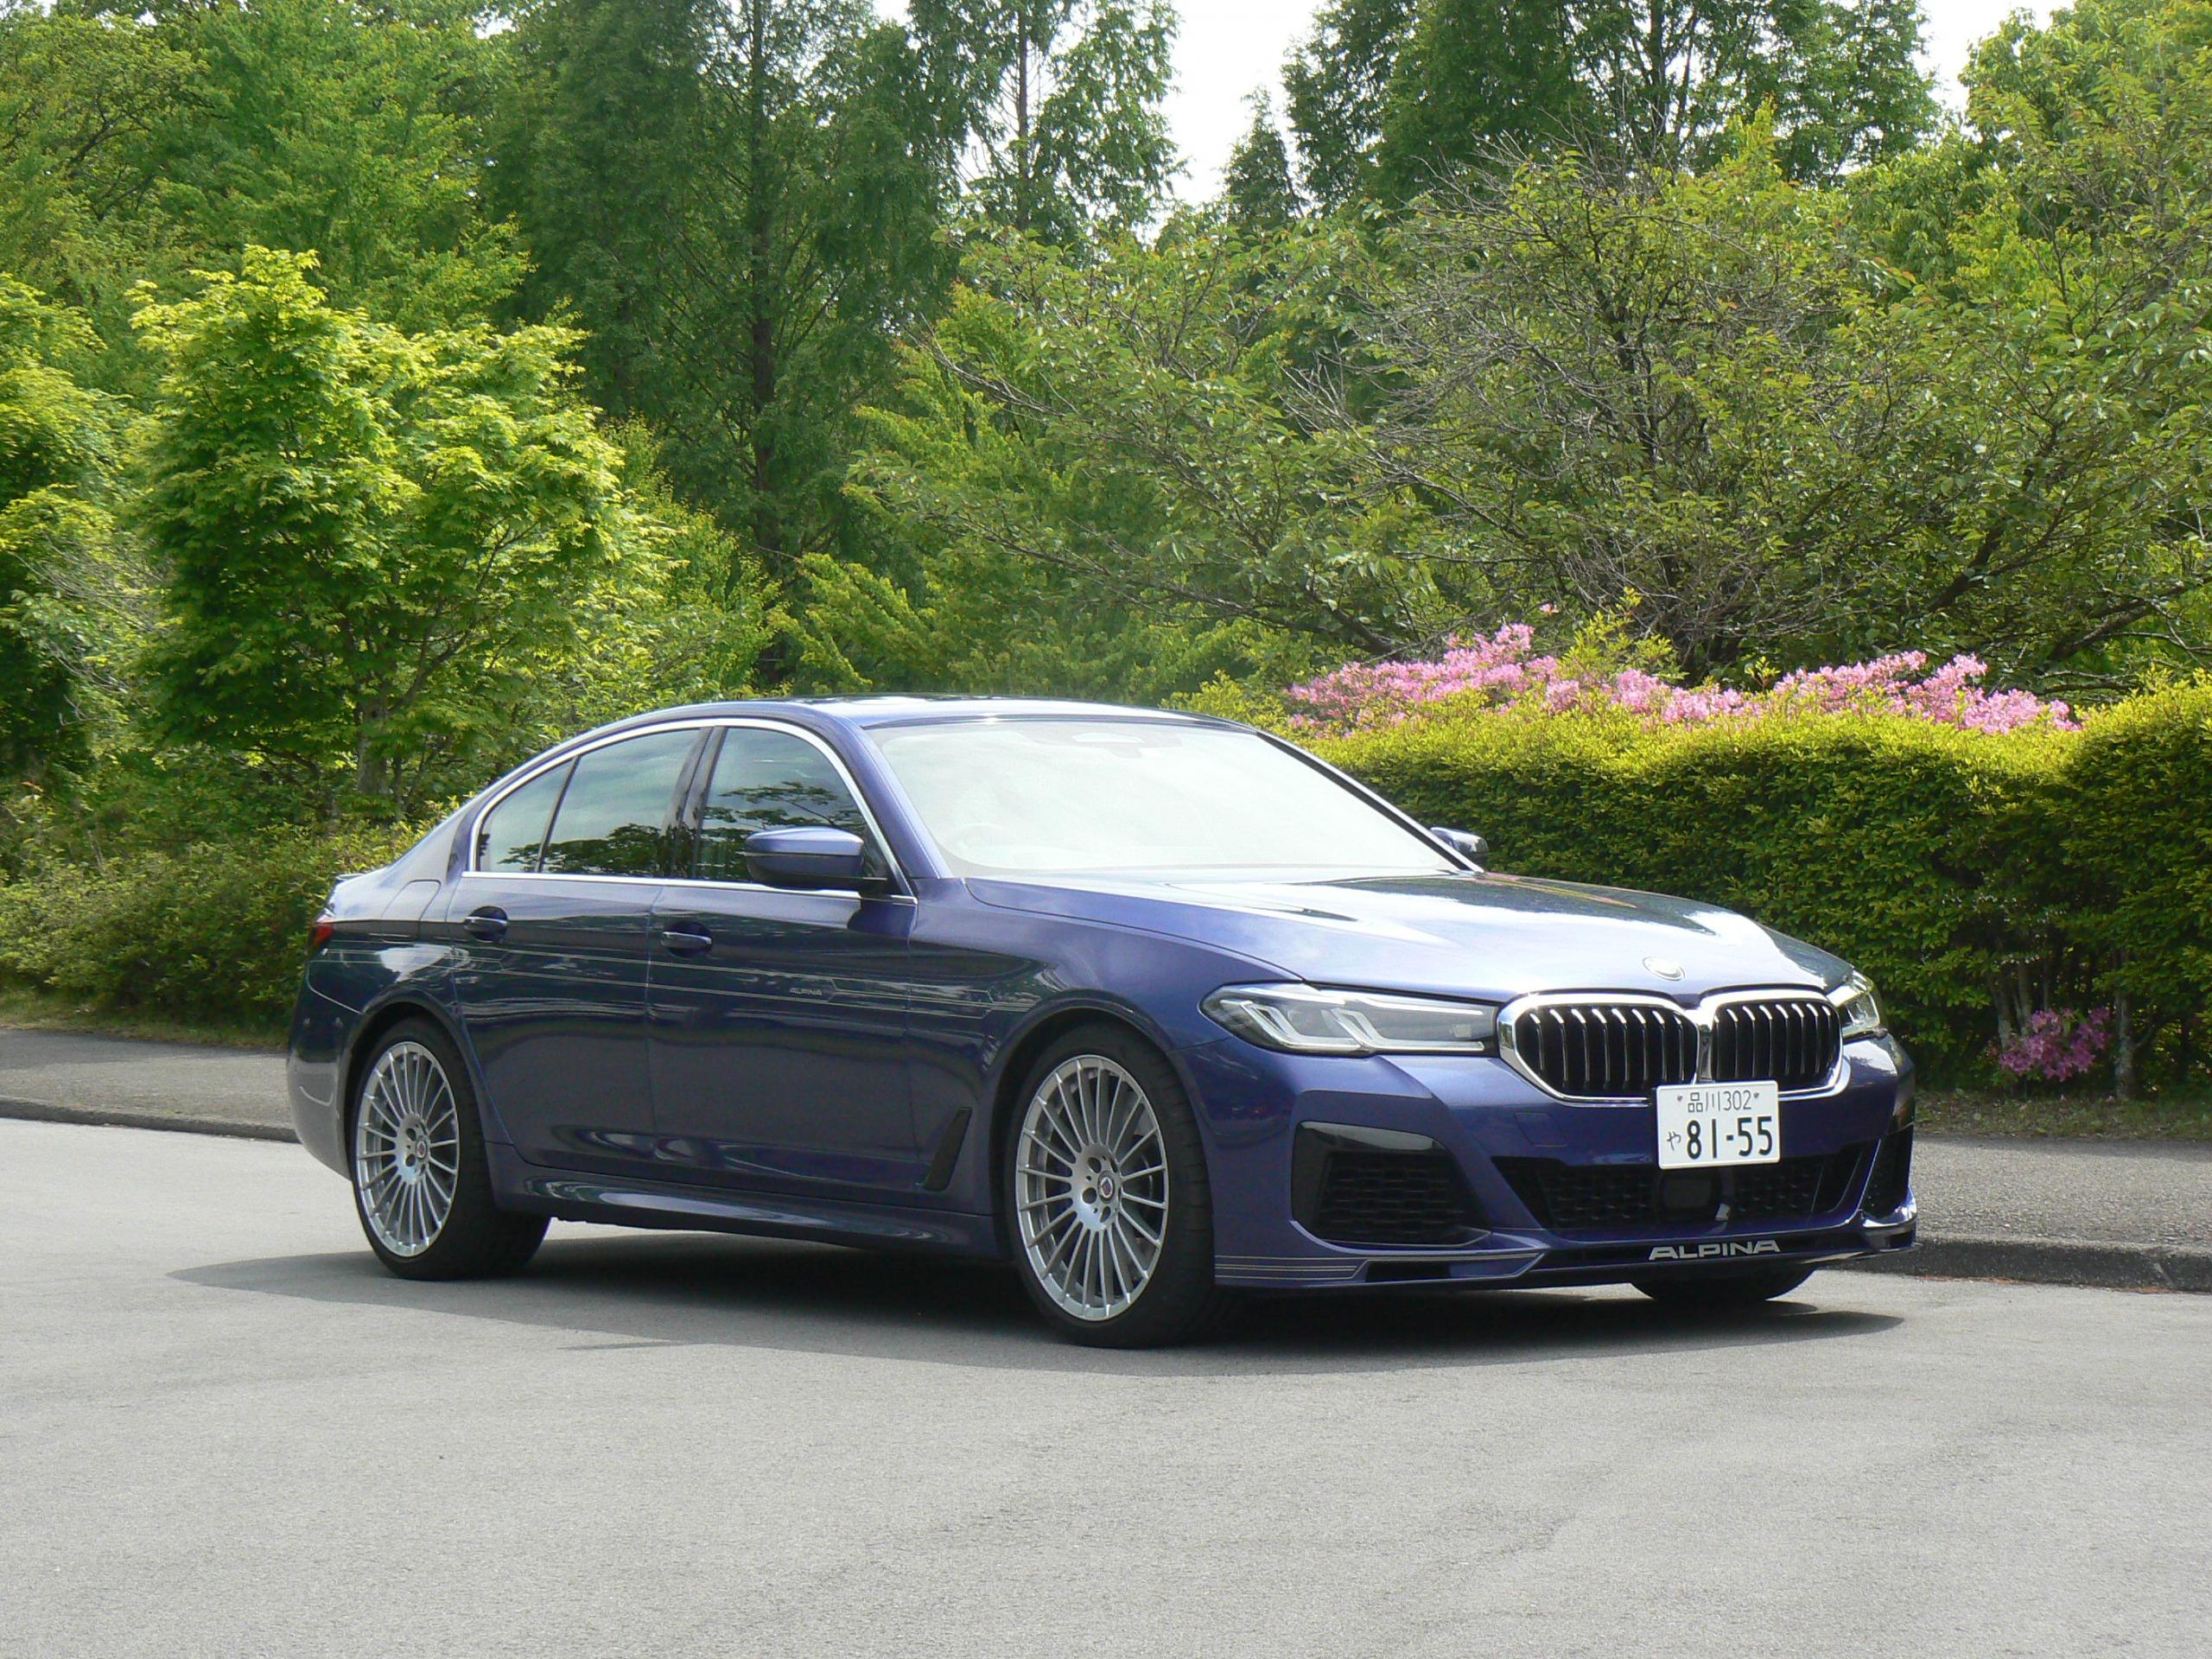 ジ・アルピナを知りたければ、まずコイツに乗るべし!BMWアルピナの真髄「B5 リムジン アルラッド」